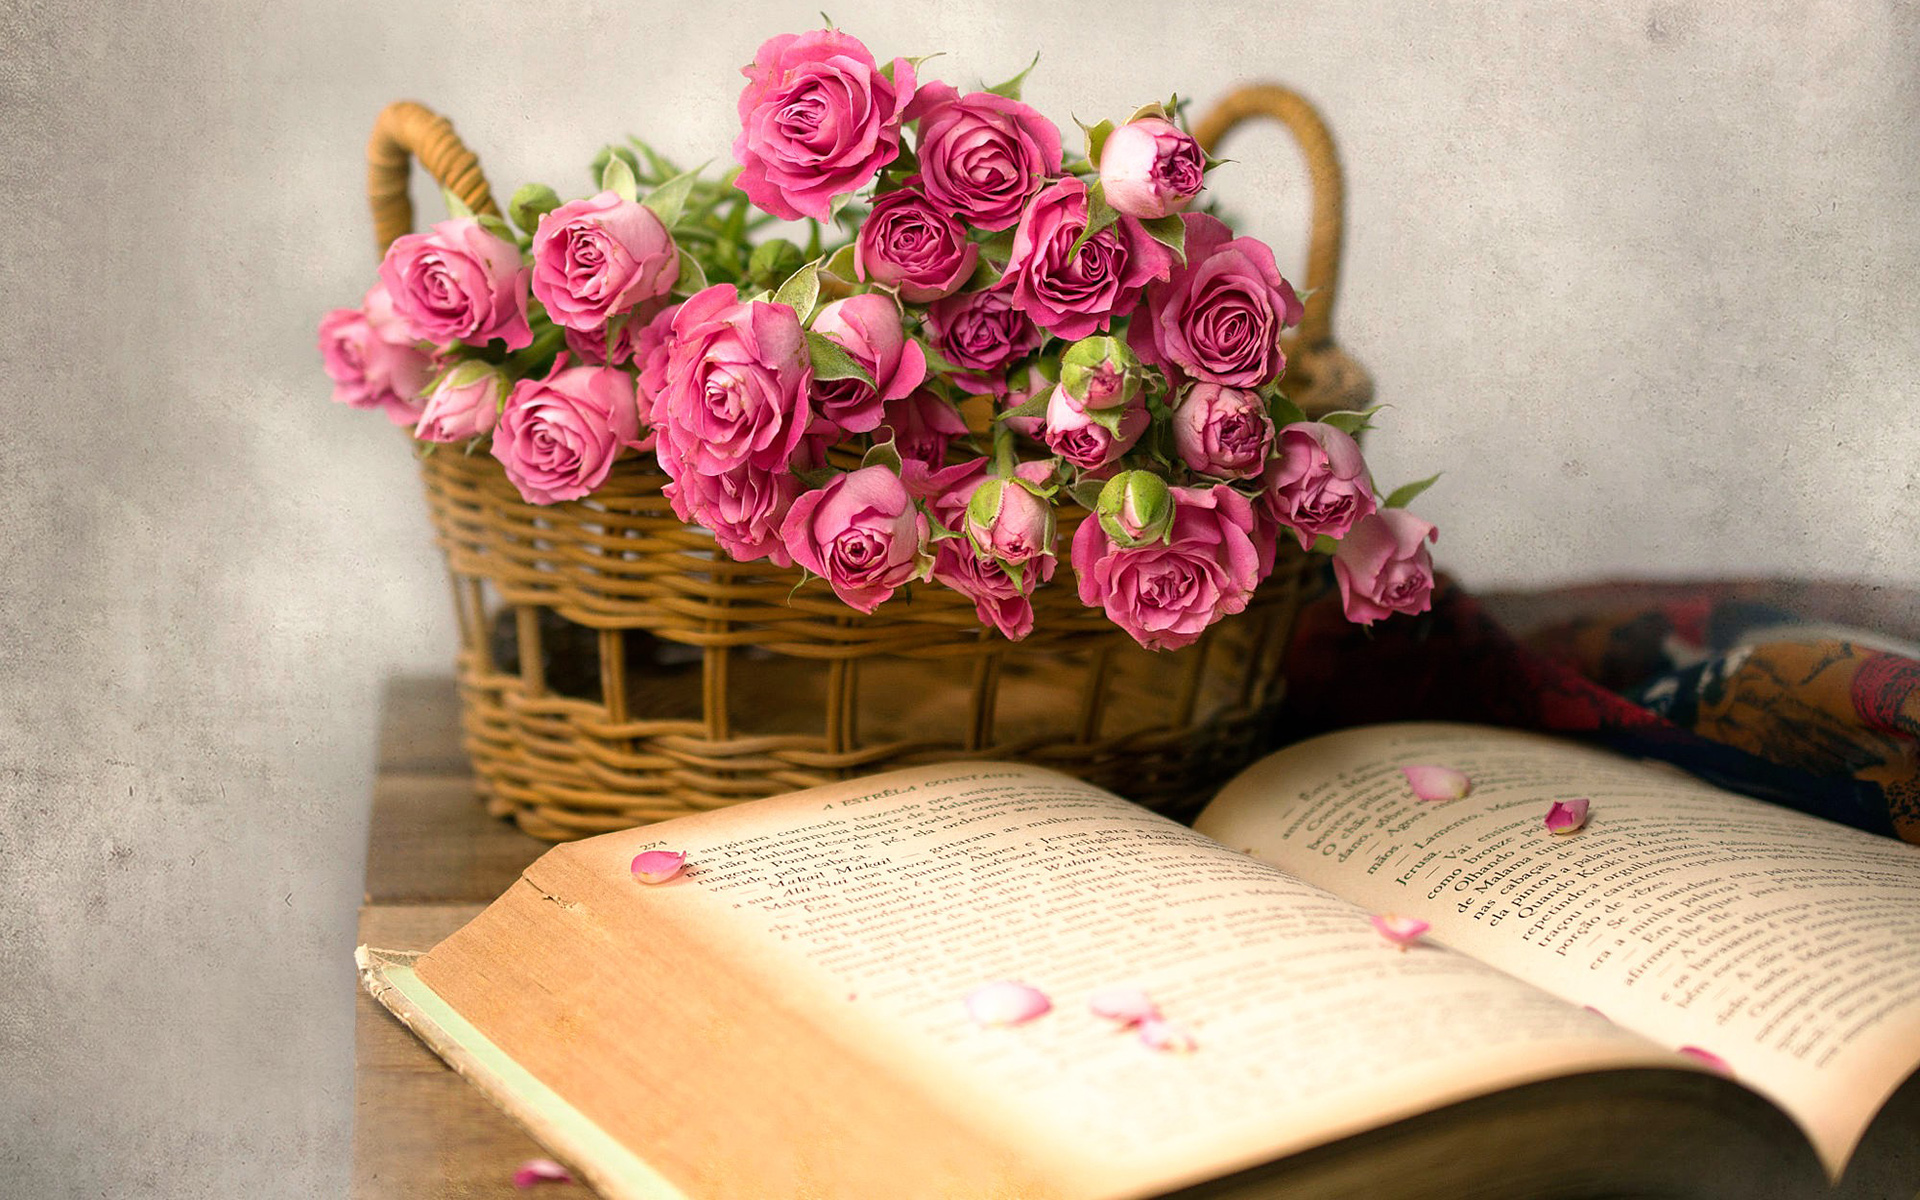 поздравление цветы книги преданиям, изначально здесь